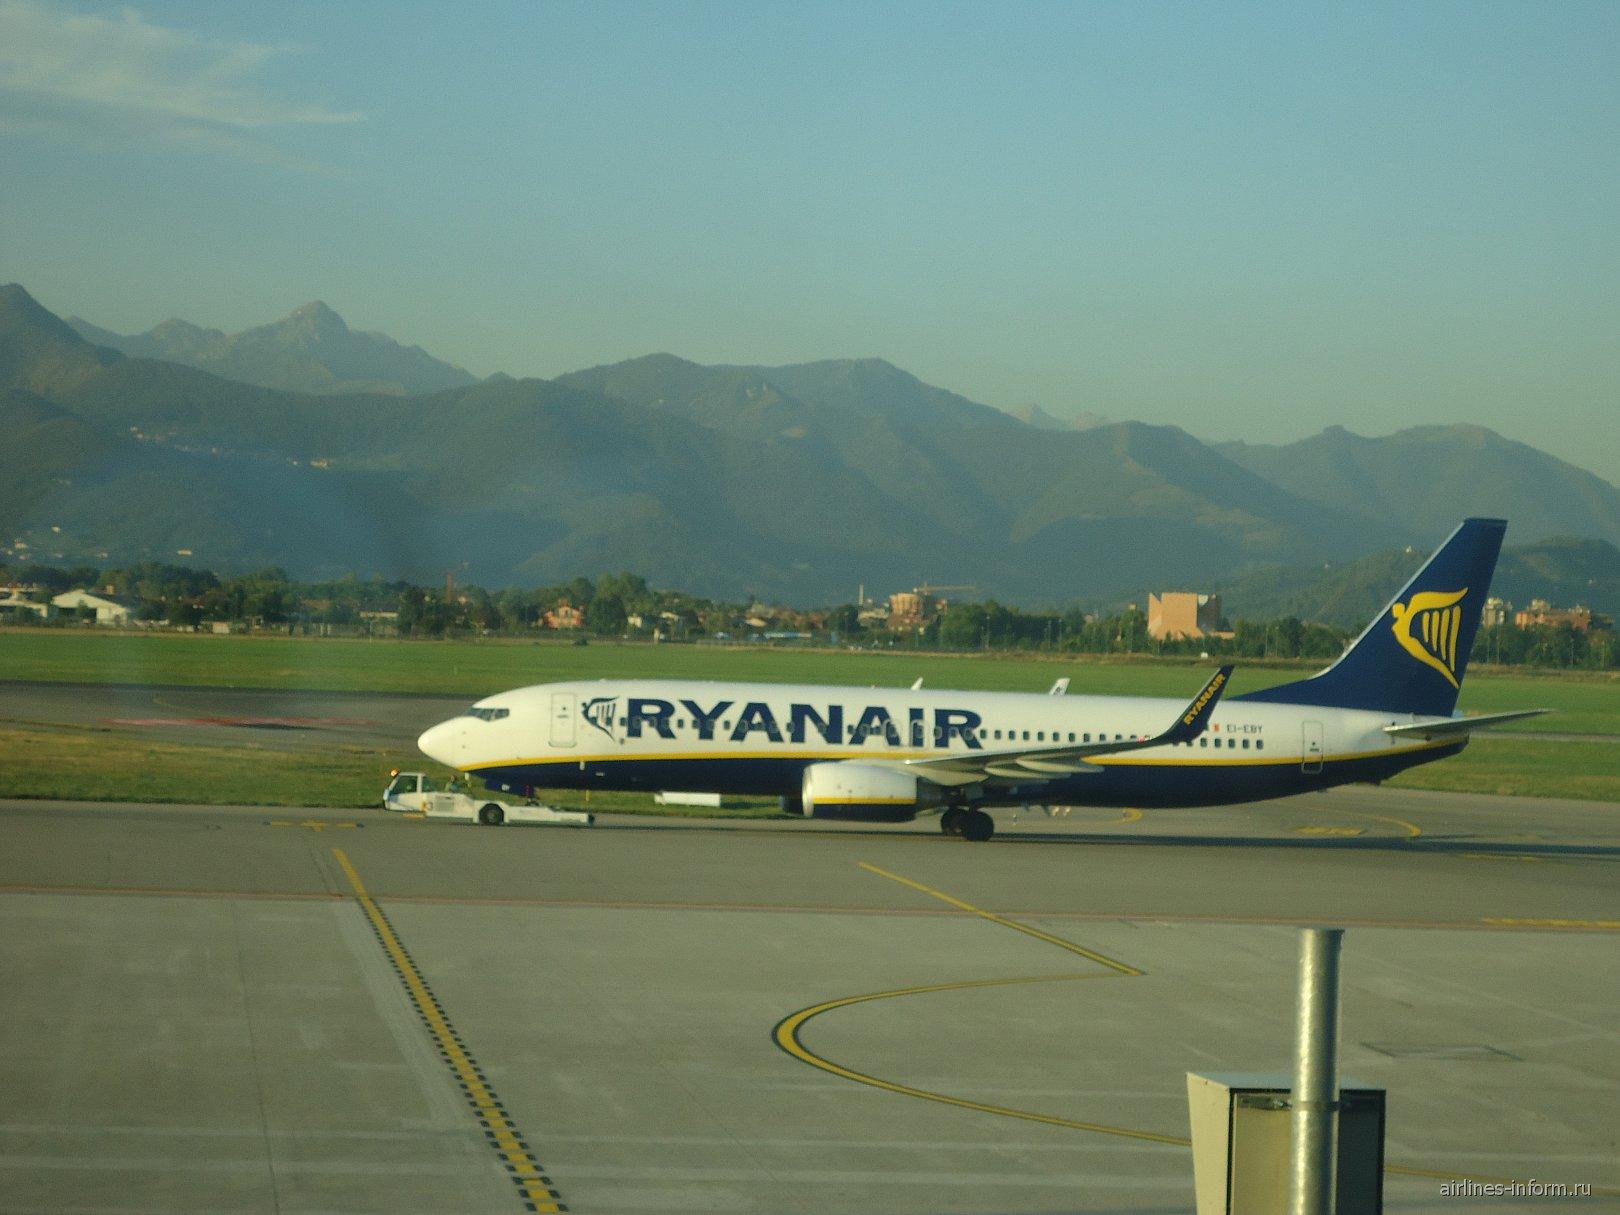 Боинг-737 авиакомпании Райнэйр в аэропорту Бергамо